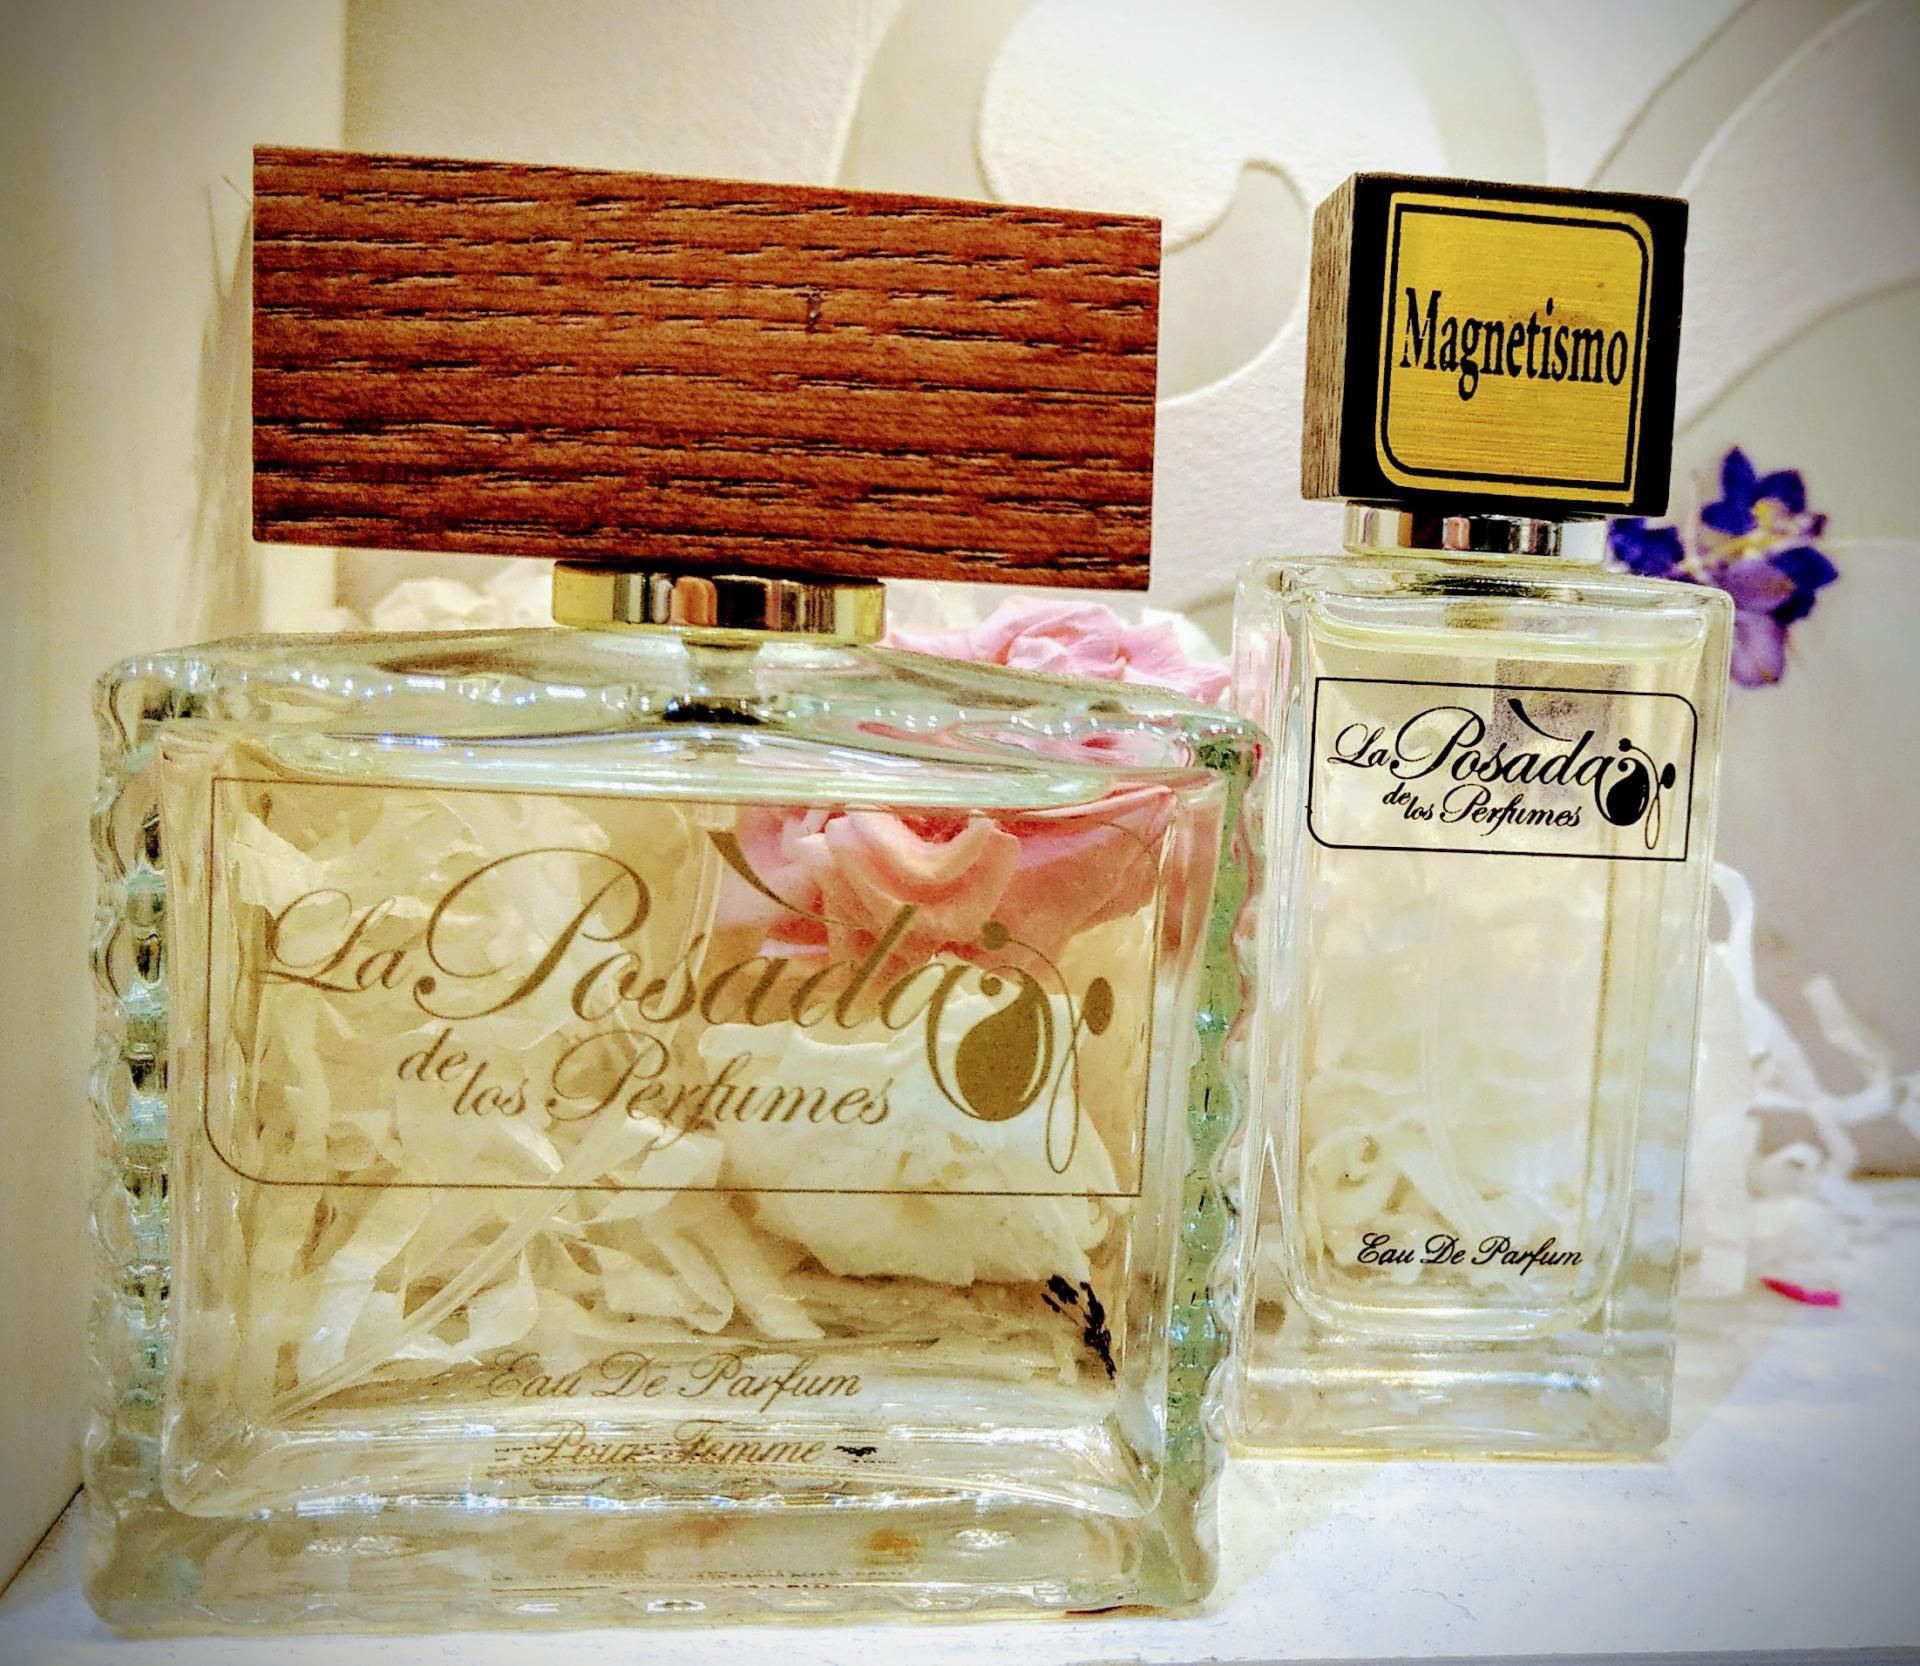 Magnetismo Eau de Parfum